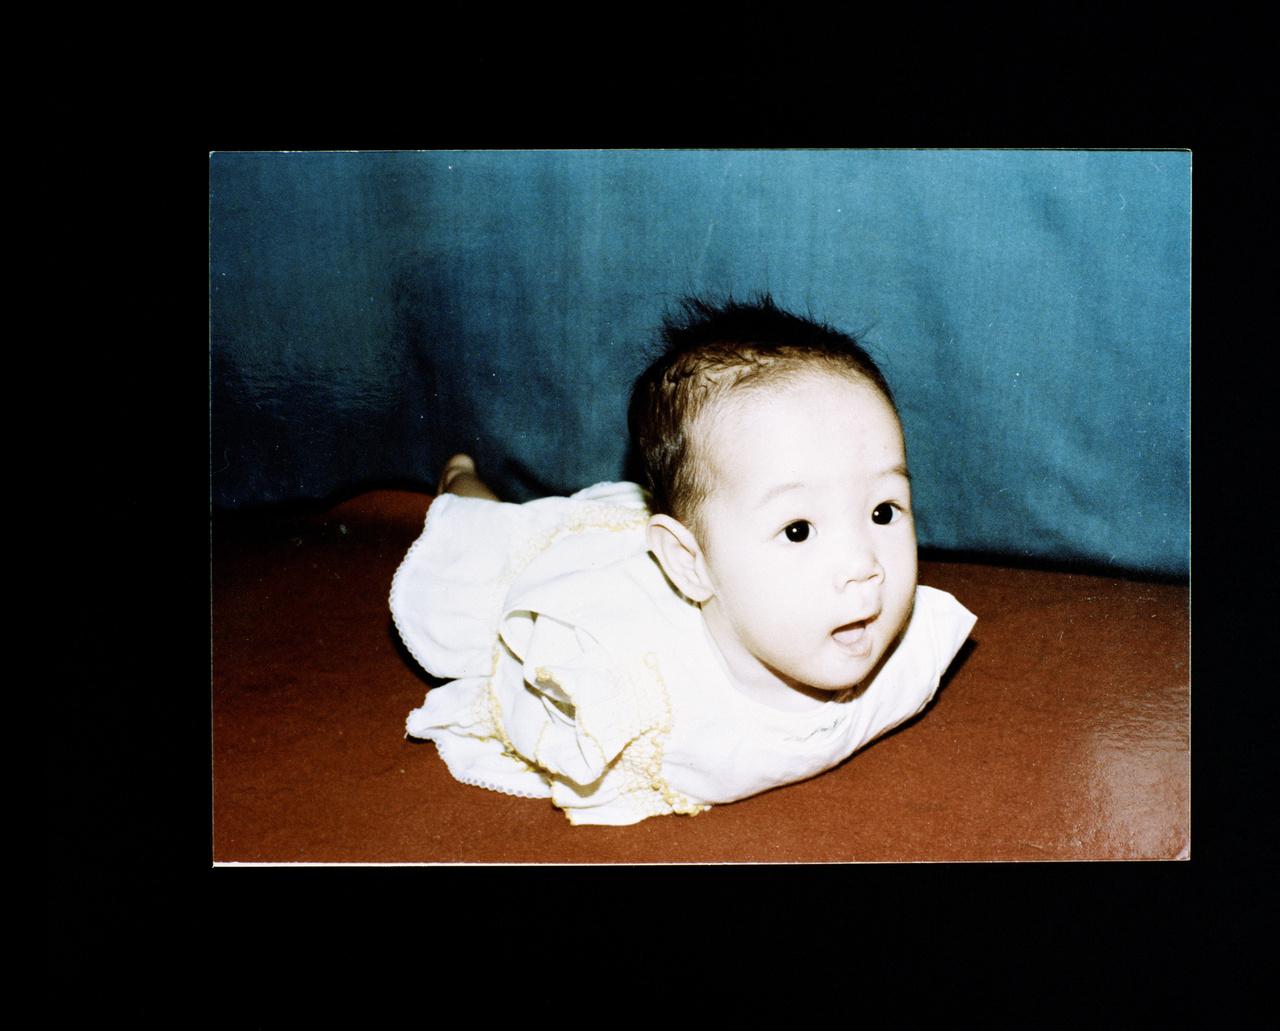 Narancs Ügynök gyermekeiAsselin Vietnamot is bejárta a PCB áldozatai után kutatva.